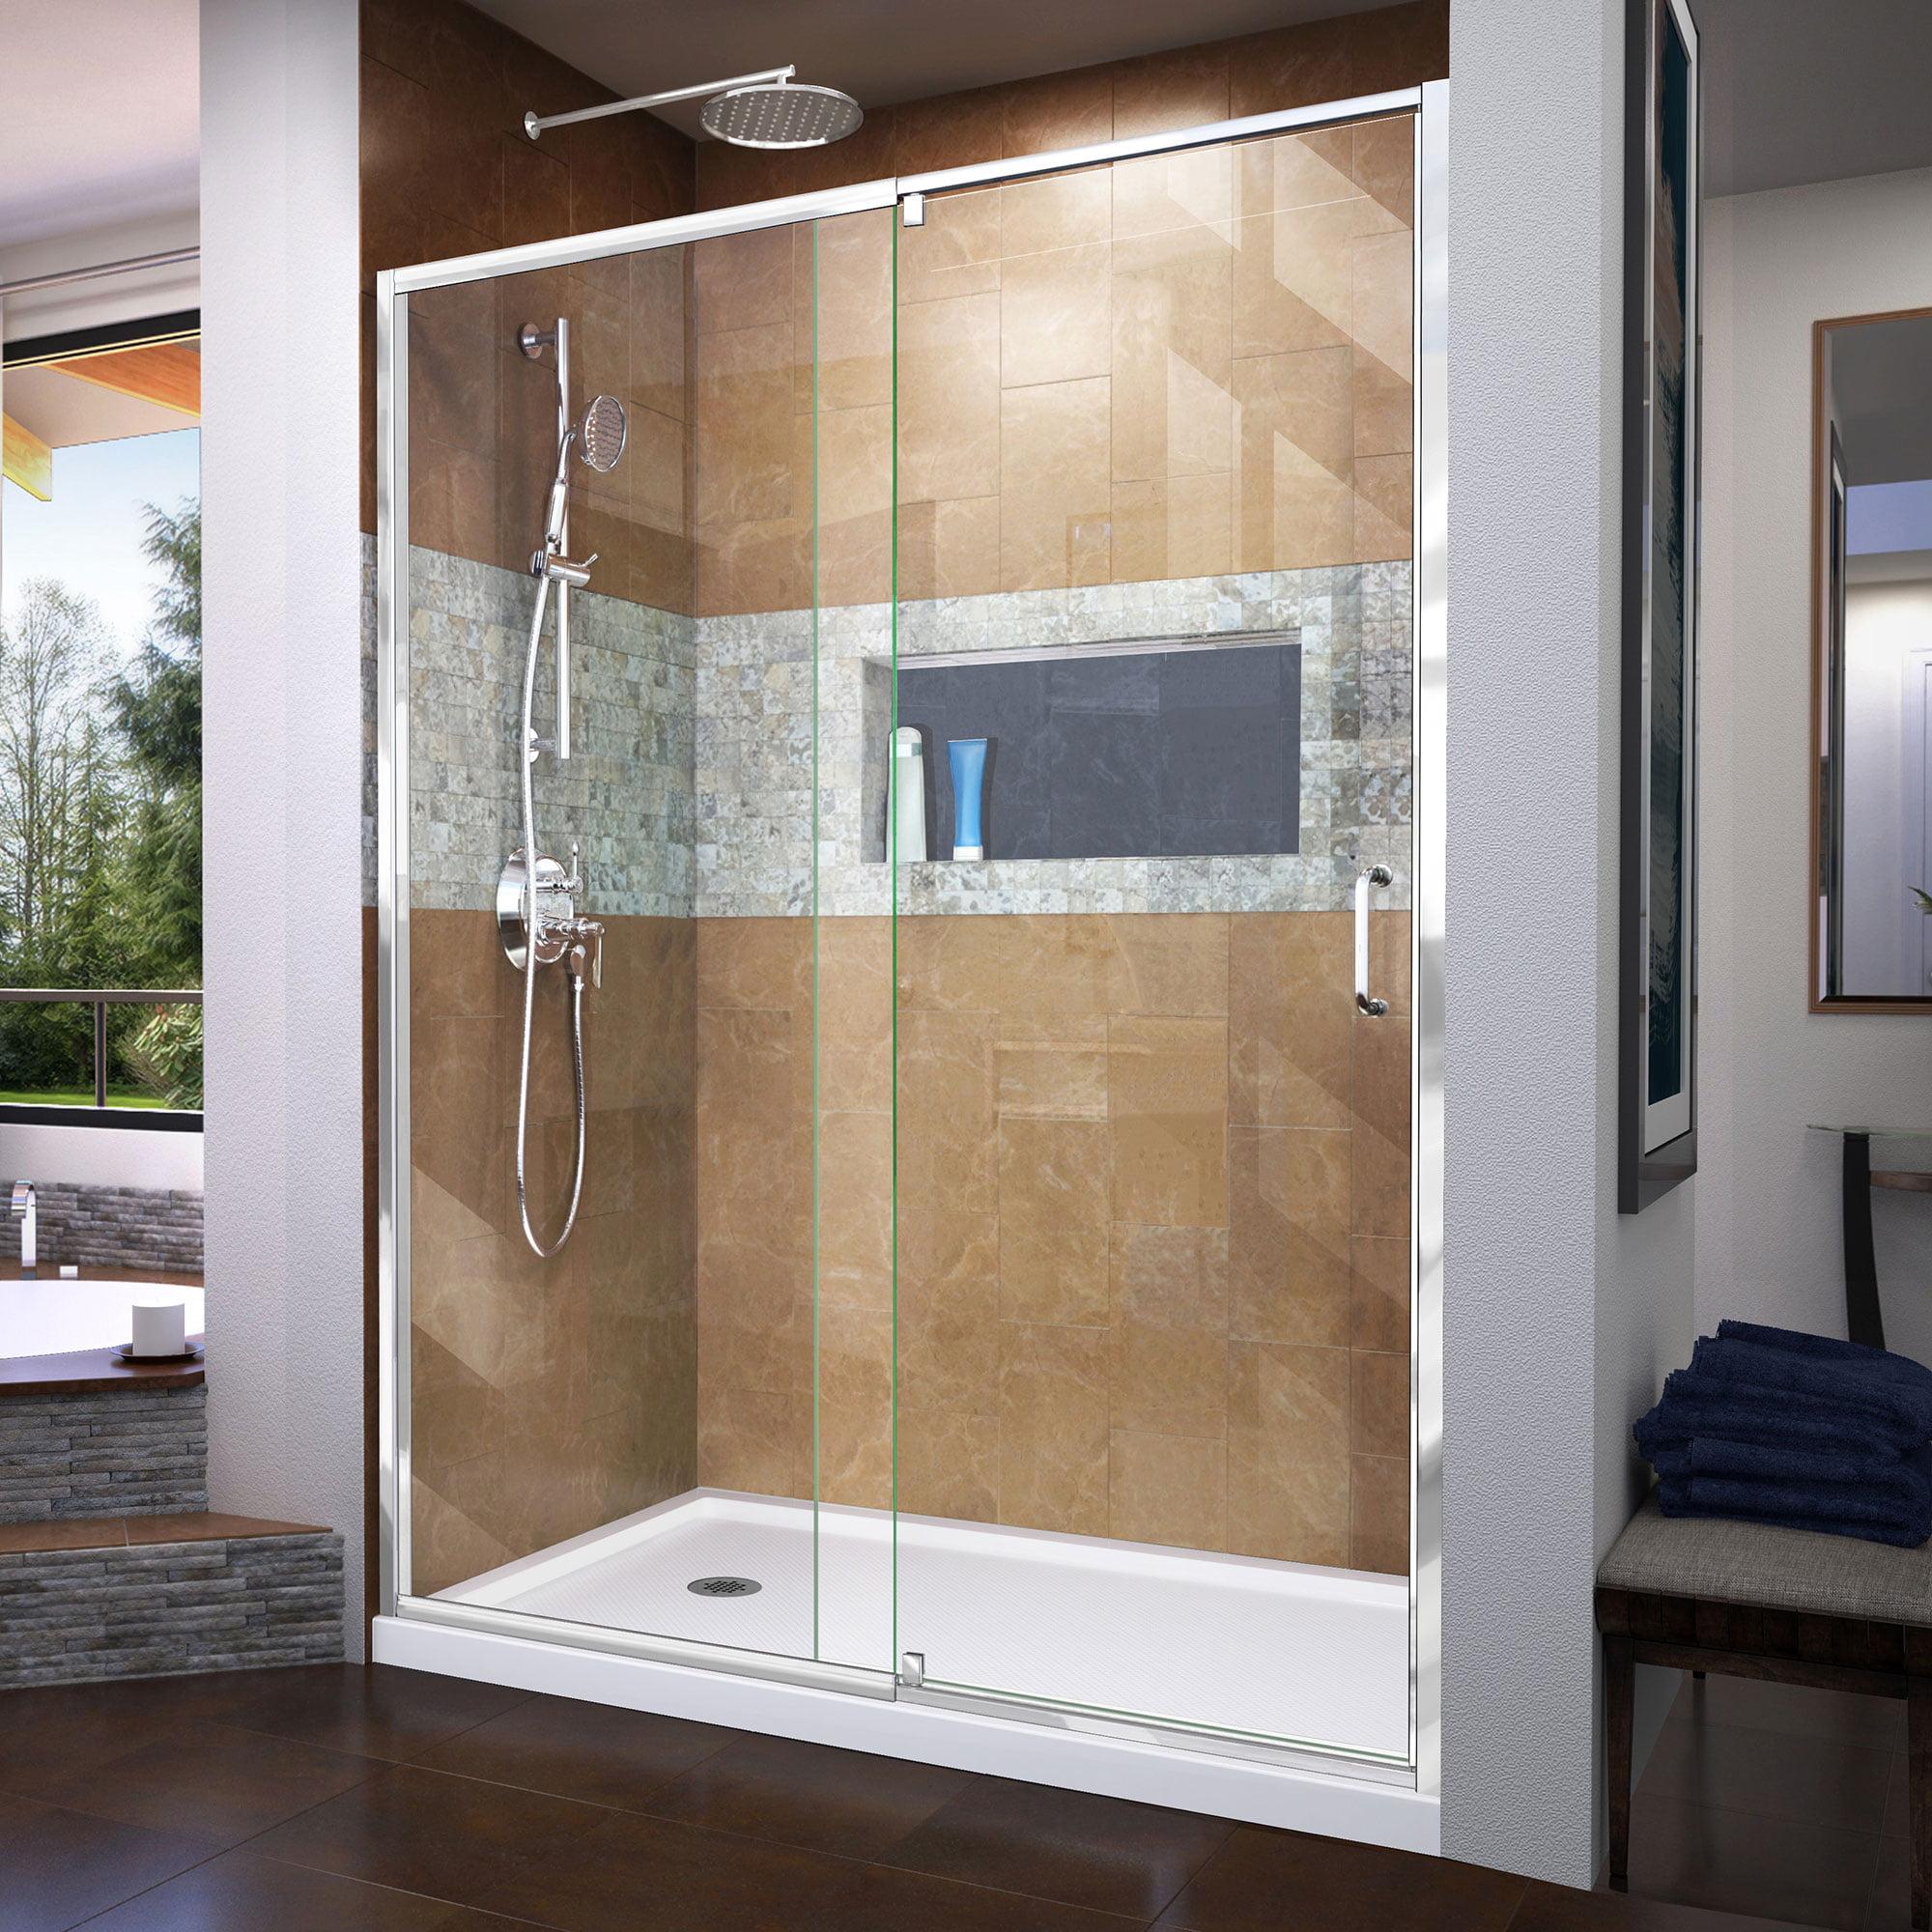 Dreamline Flex 34 In D X 60 In W X 74 3 4 In H Semi Frameless Pivot Shower Door In Chrome With Left Drain White Base Kit